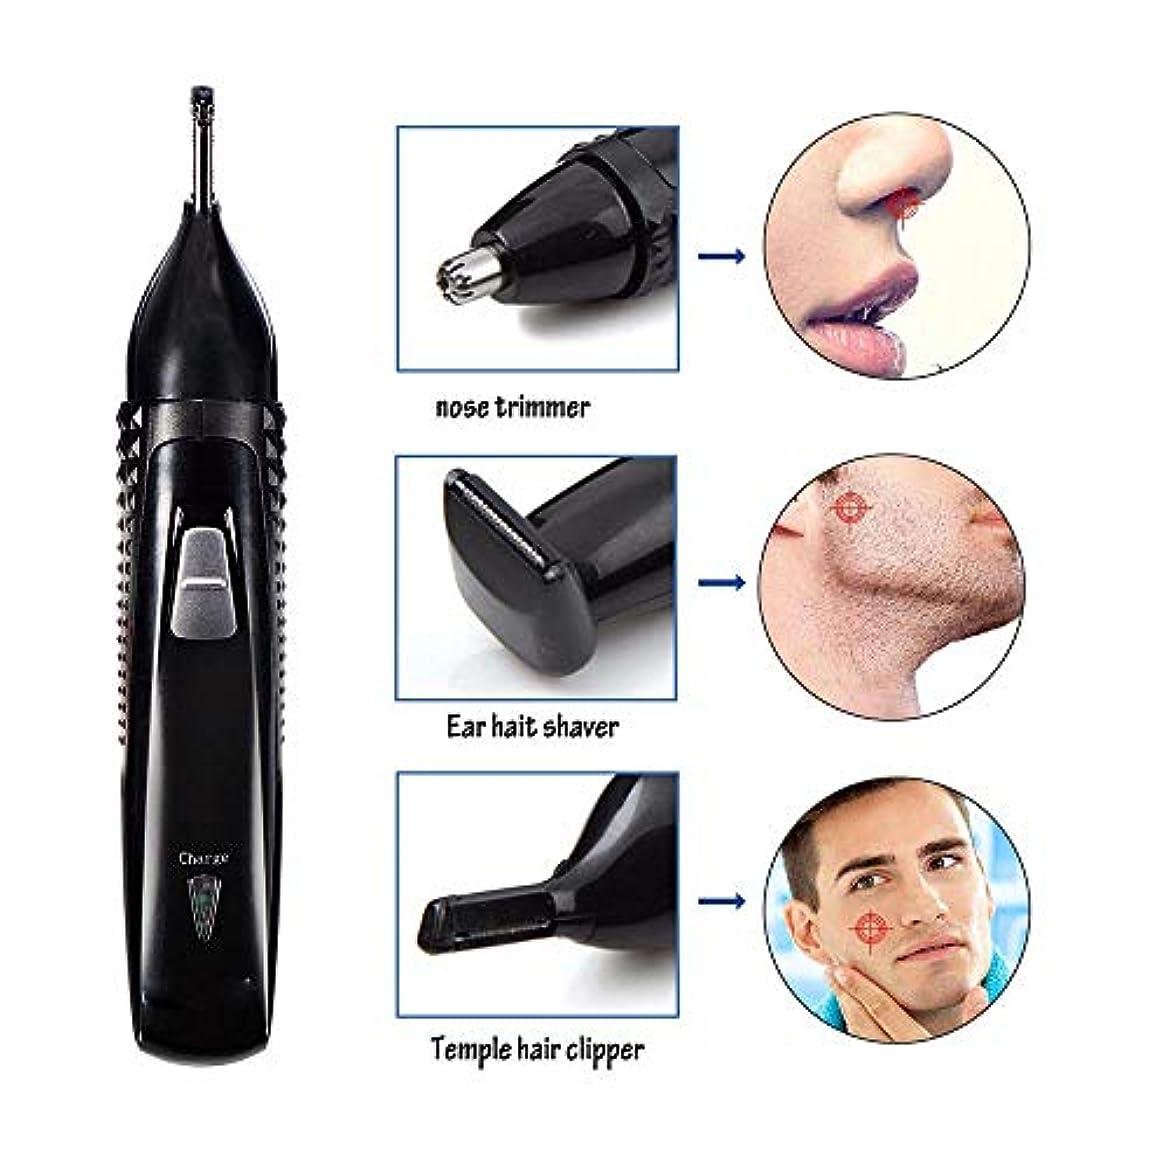 極小車バルセロナ男性の女性のための電子鼻の耳の毛のトリマー、1で3つの充電式鼻の毛のトリマー鼻&耳の男性の耳鼻毛カッターの顔のケア